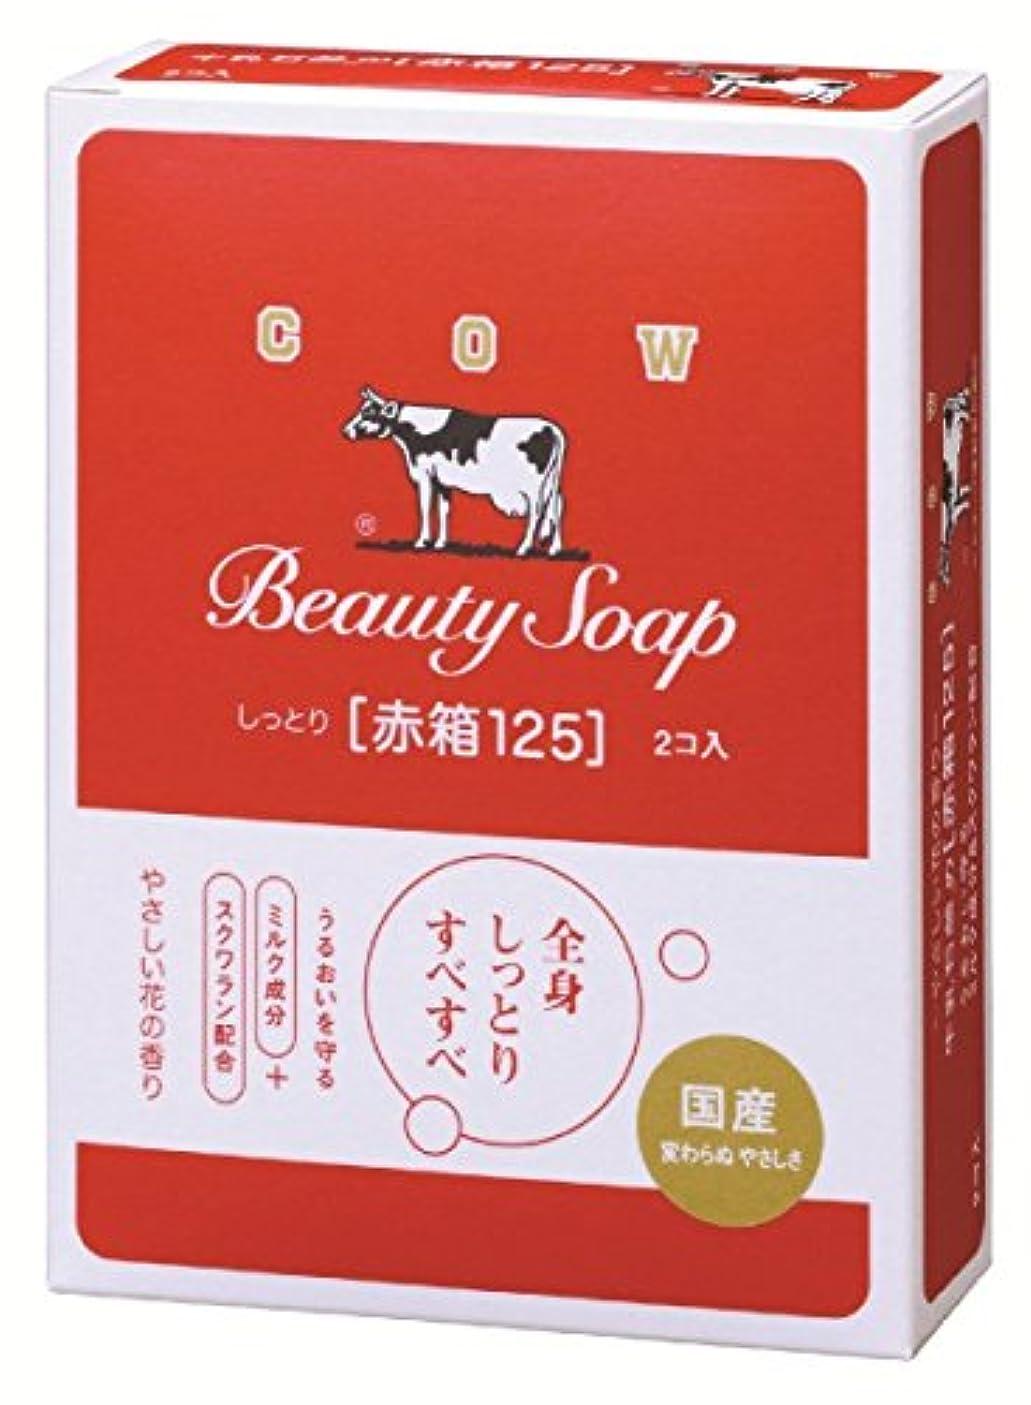 議会センチメートル百年【まとめ買い】カウブランド 赤箱 125 2個入 ×2セット